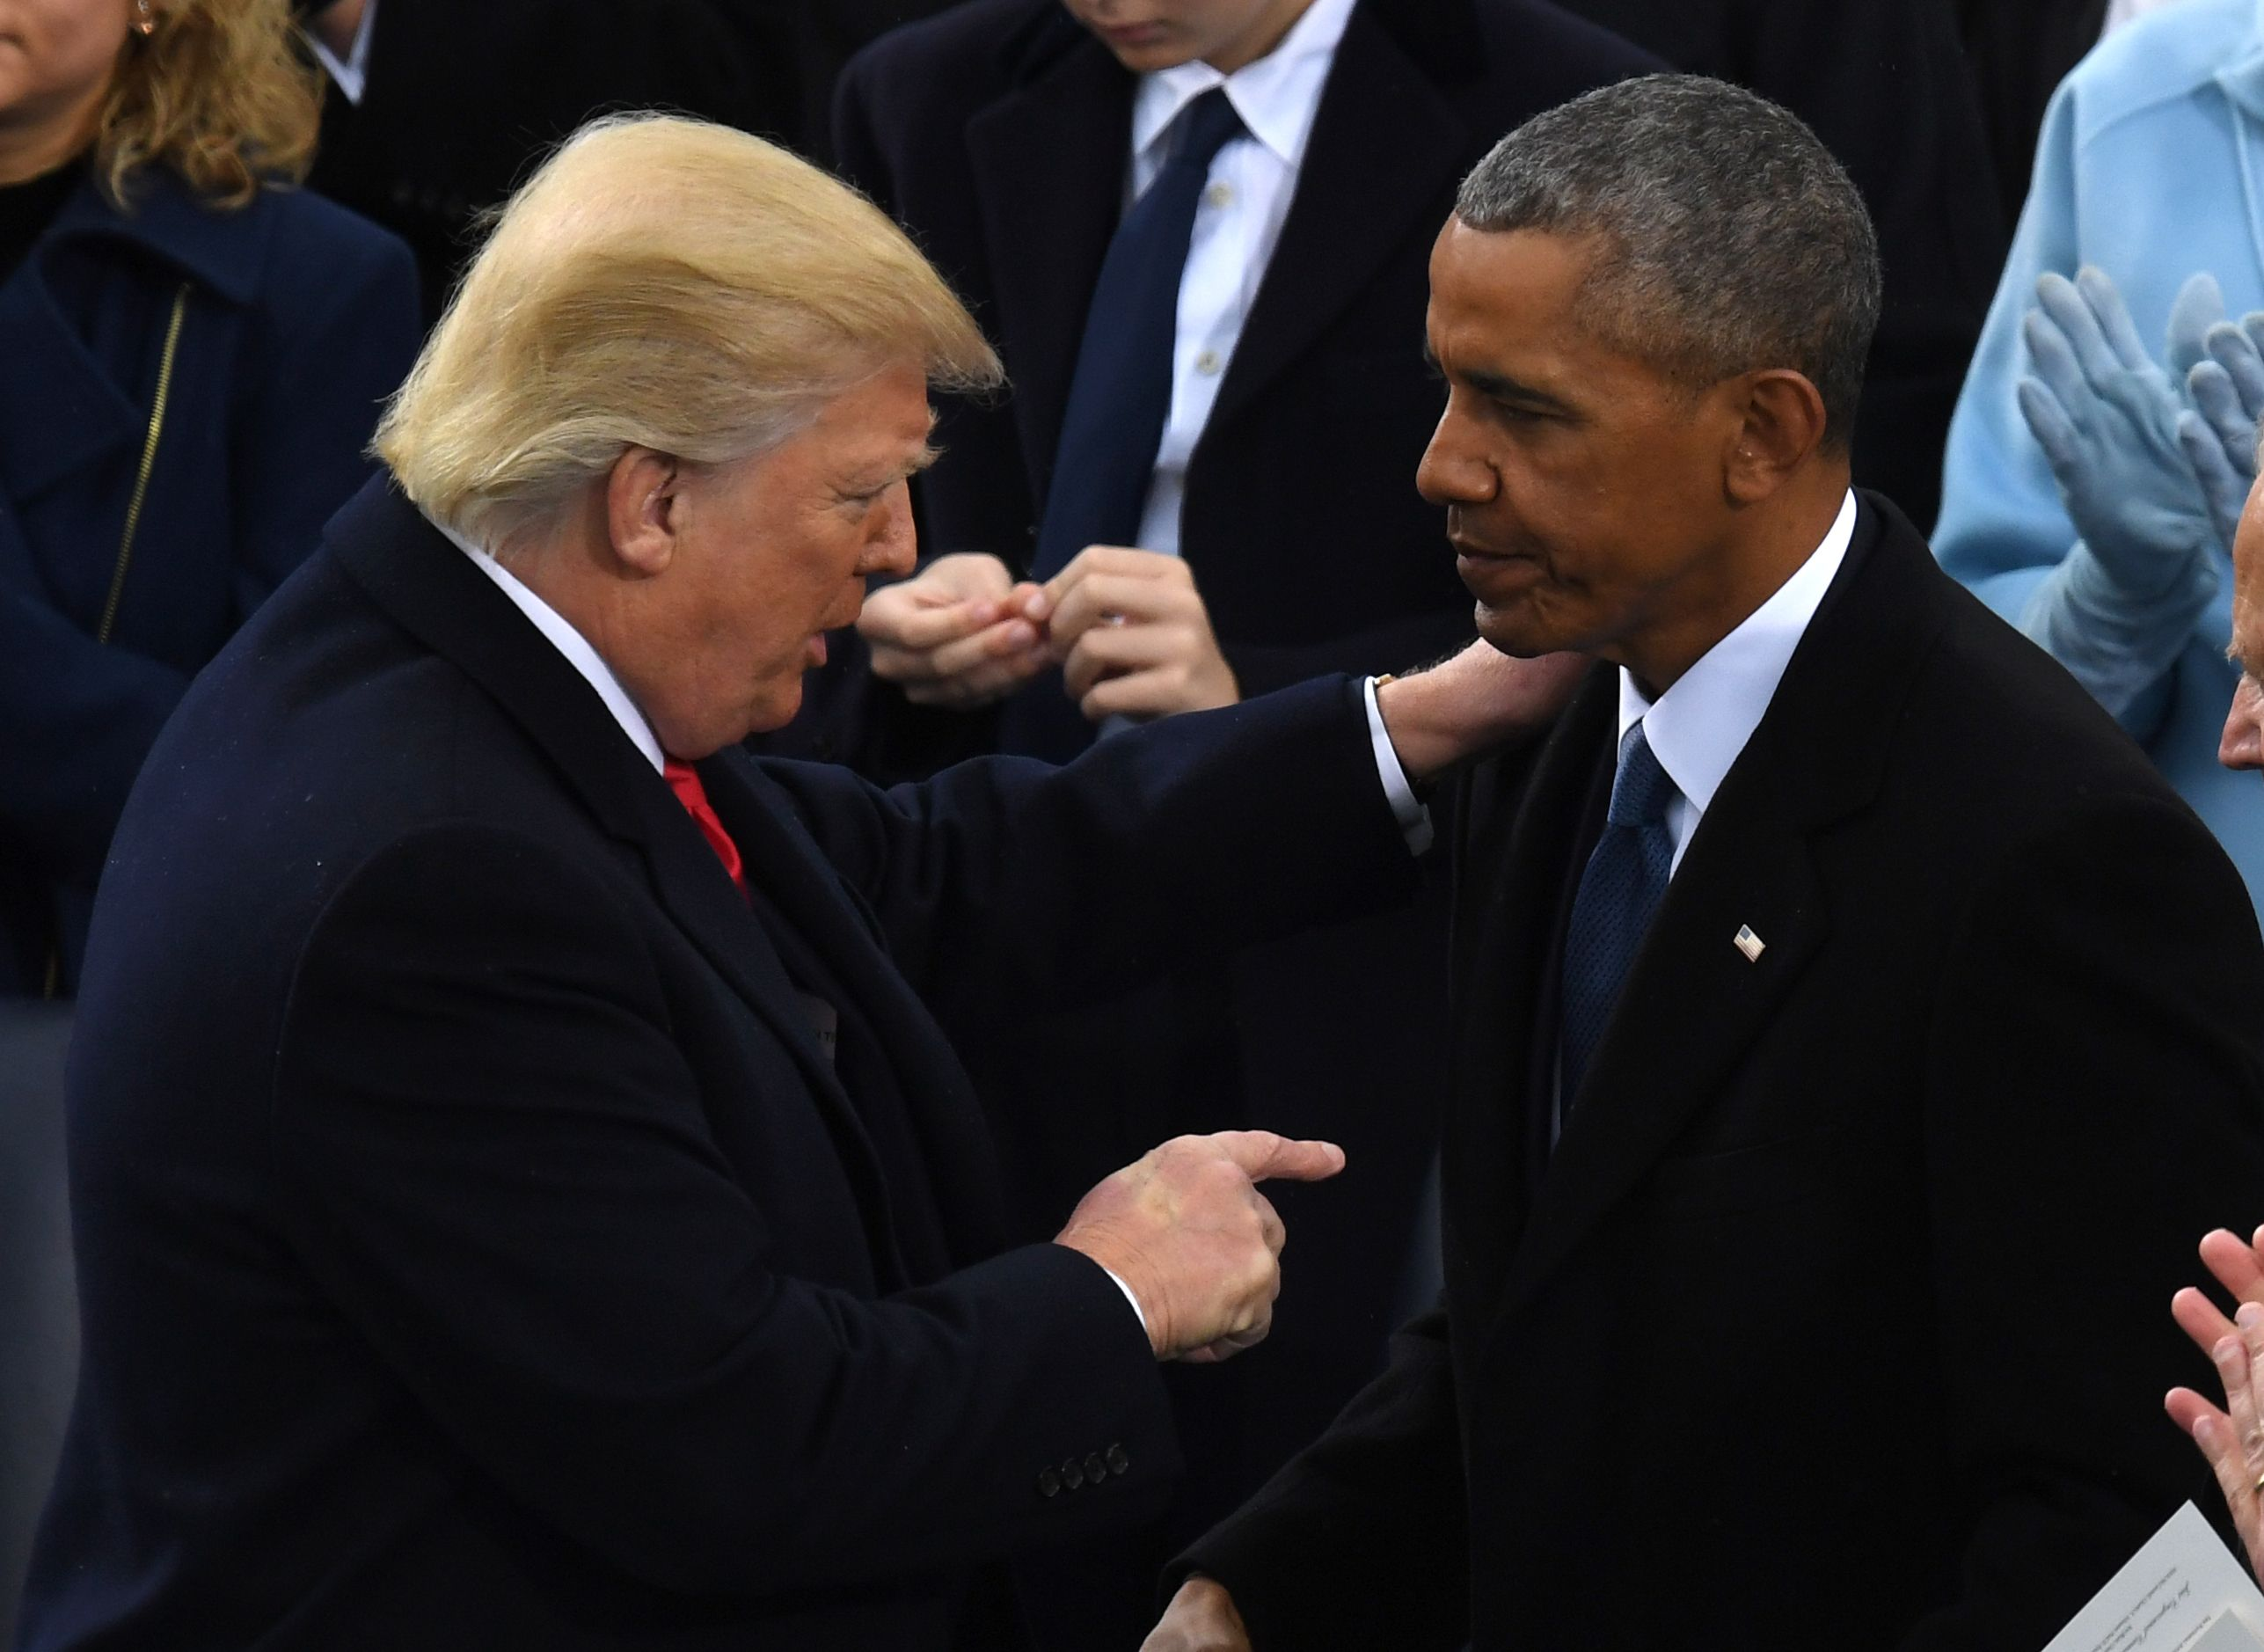 صورة القواعد الأمريكية بسوريا ومعارك ترامب مع أوباما